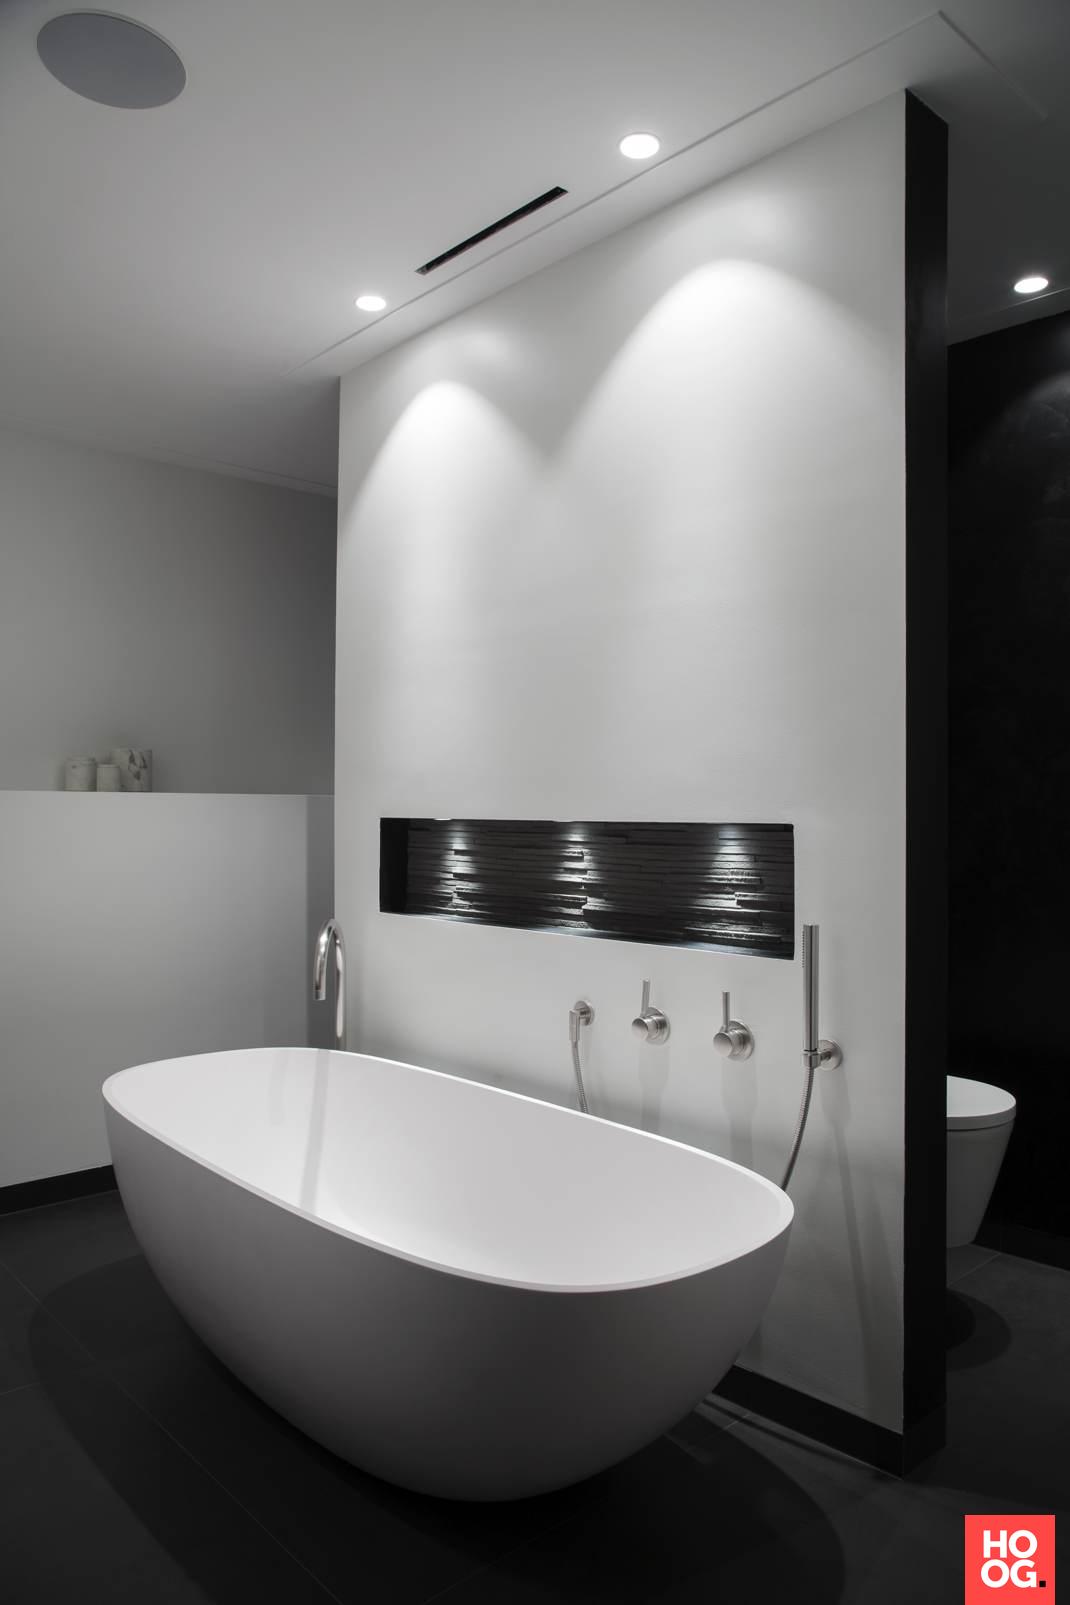 Pin Von Julia Obermaier Auf Bad In 2020 Badezimmer Inspiration Badezimmer Schwarz Luxus Wohnung